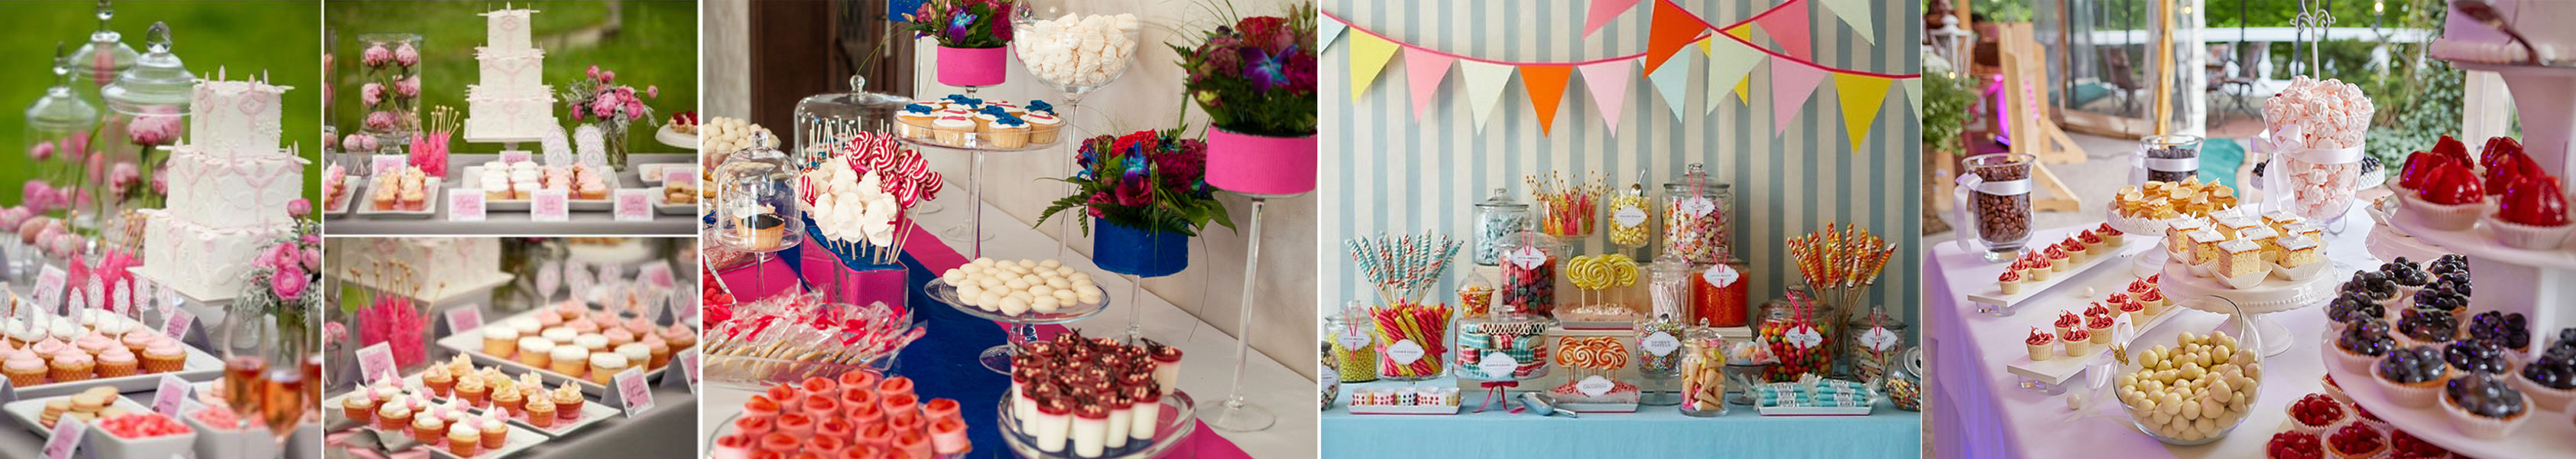 candybar-słodki-stol